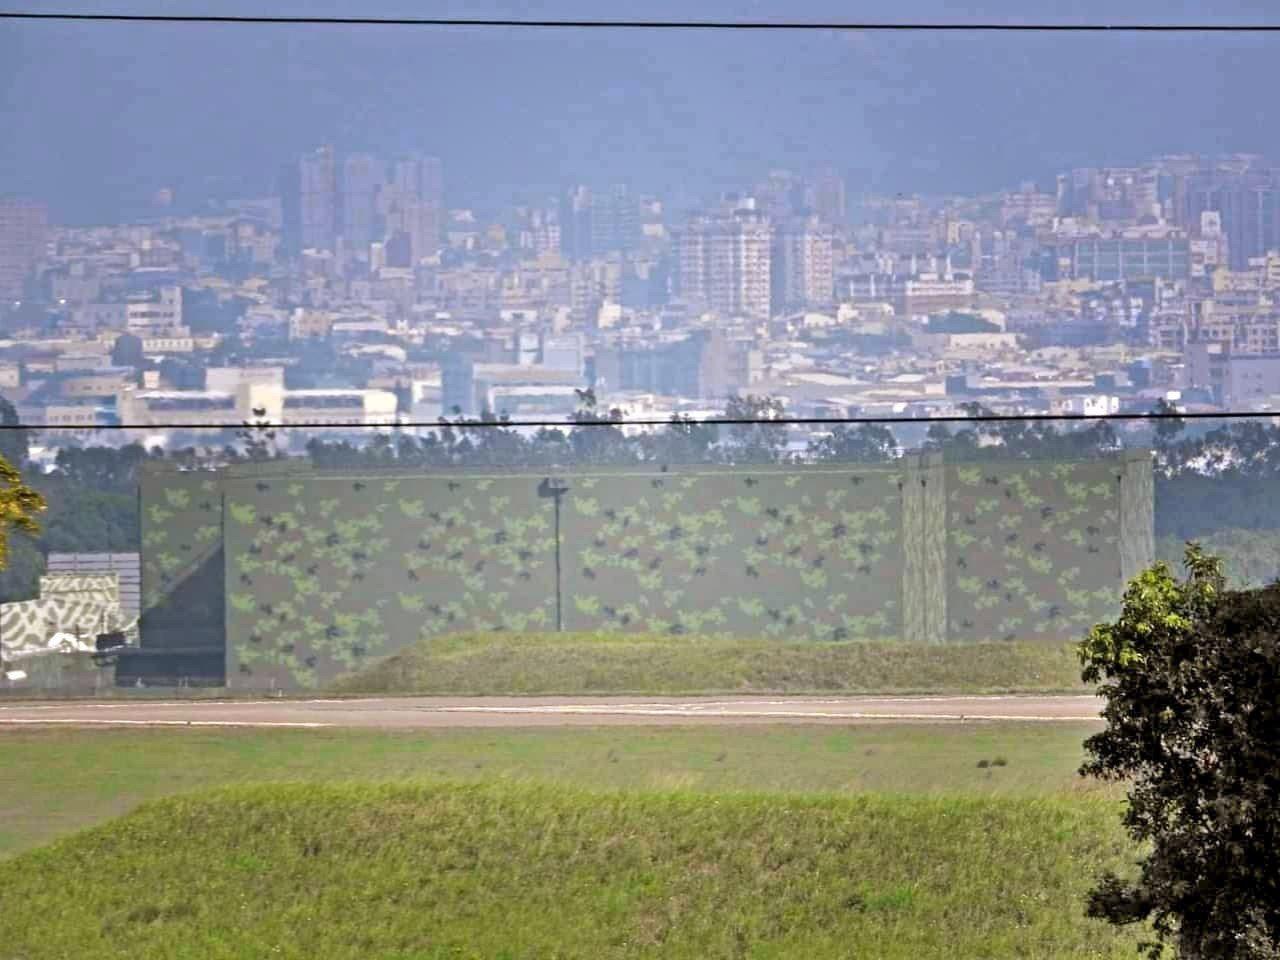 位於某軍事基地內的新建特種飛彈彈庫,佔地廣大,有高聳防爆牆。熊姓讀者提供